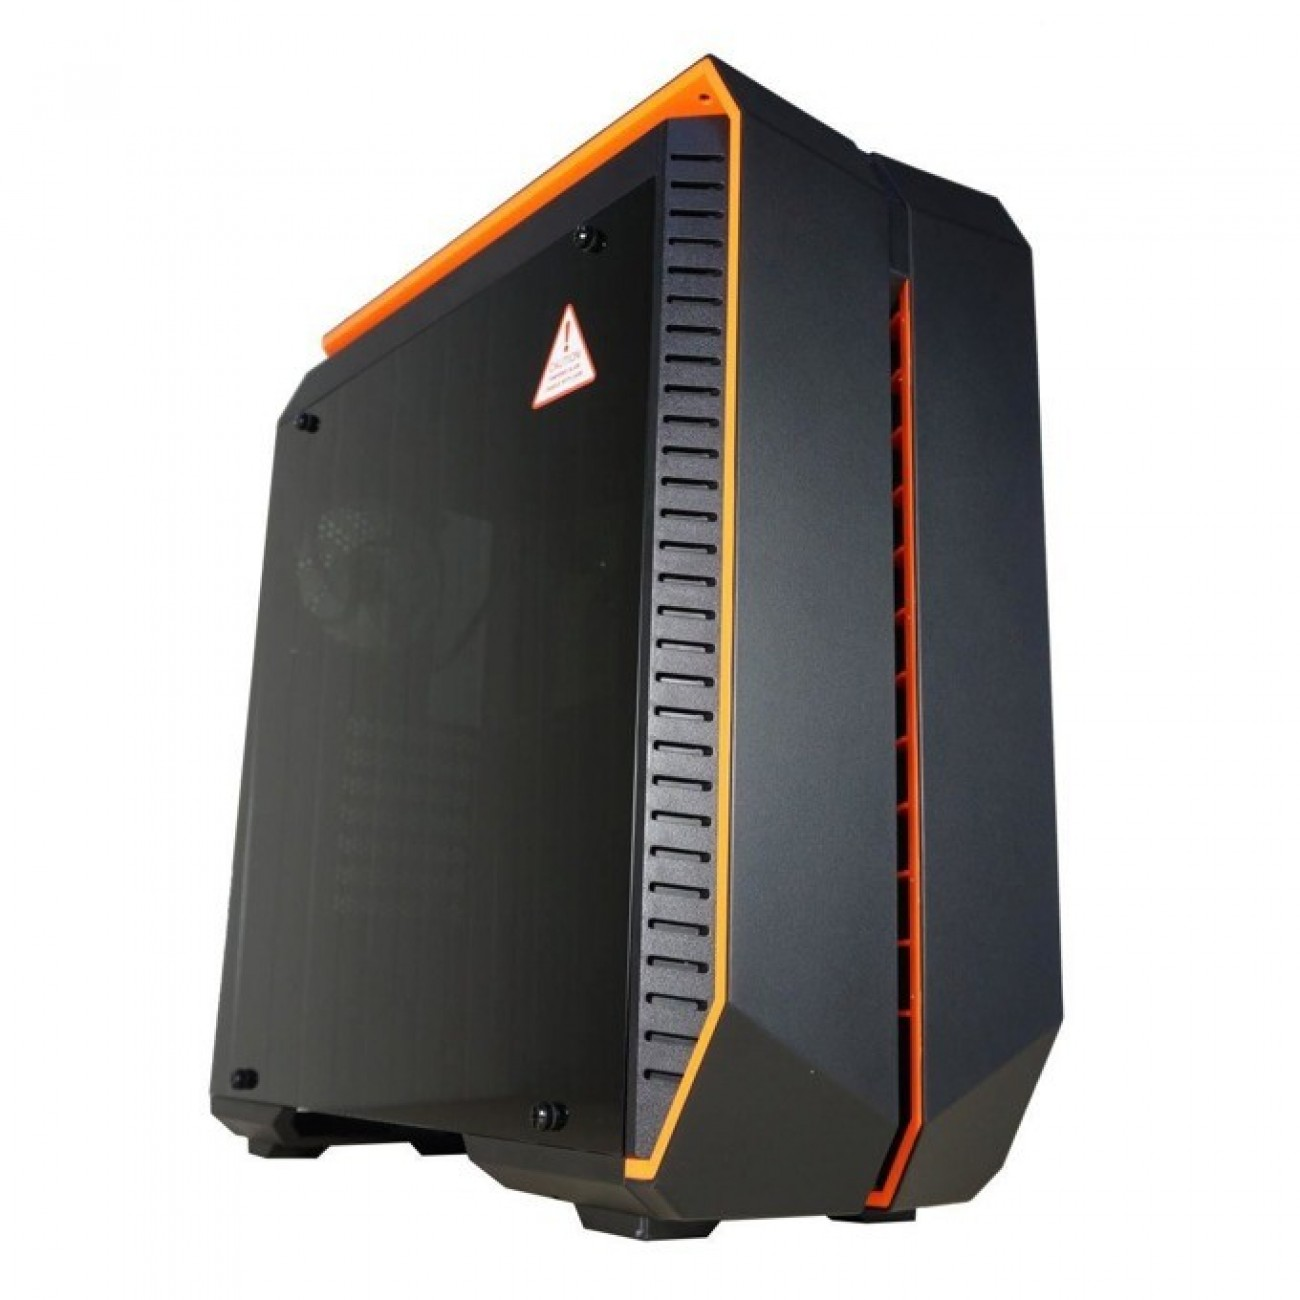 Кутия INAZA Devastator, ATX/mini/microITX, 2x USB 3.0, прозорец, черна/оранжева, без захранване в Компютърни кутии -    Alleop